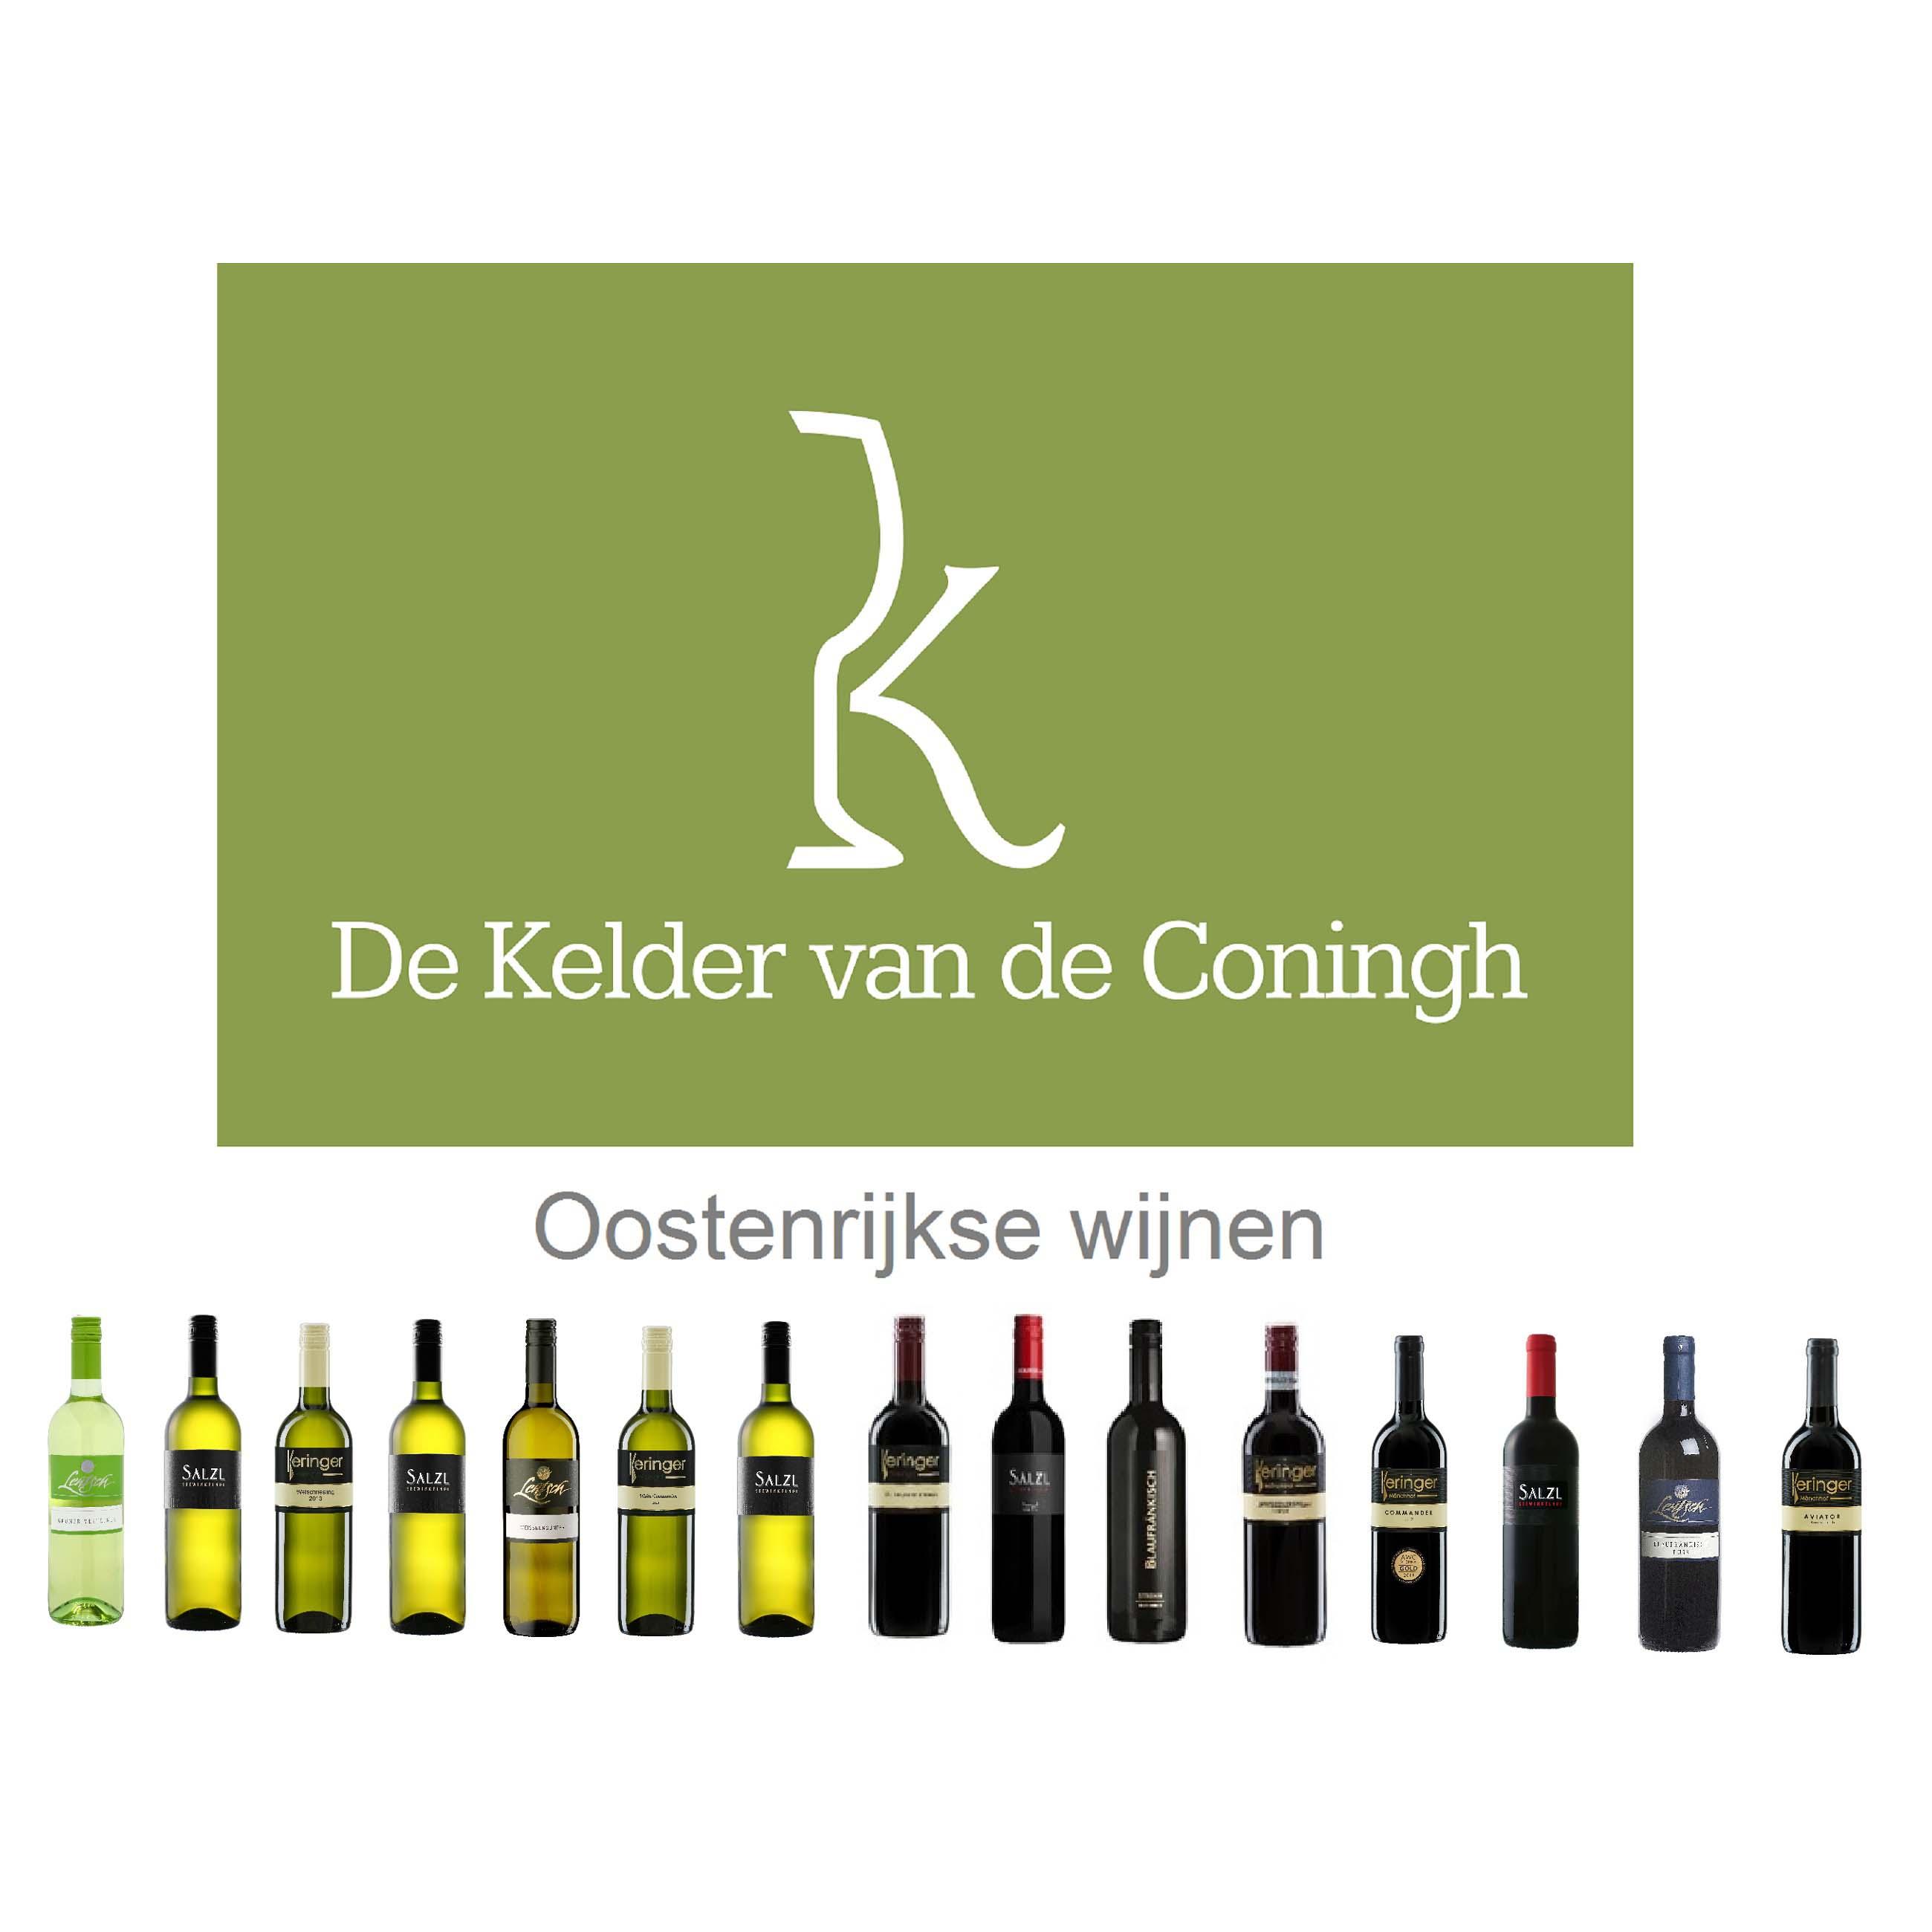 DKvdC-Oostenrijkse-wijnen-vierkant